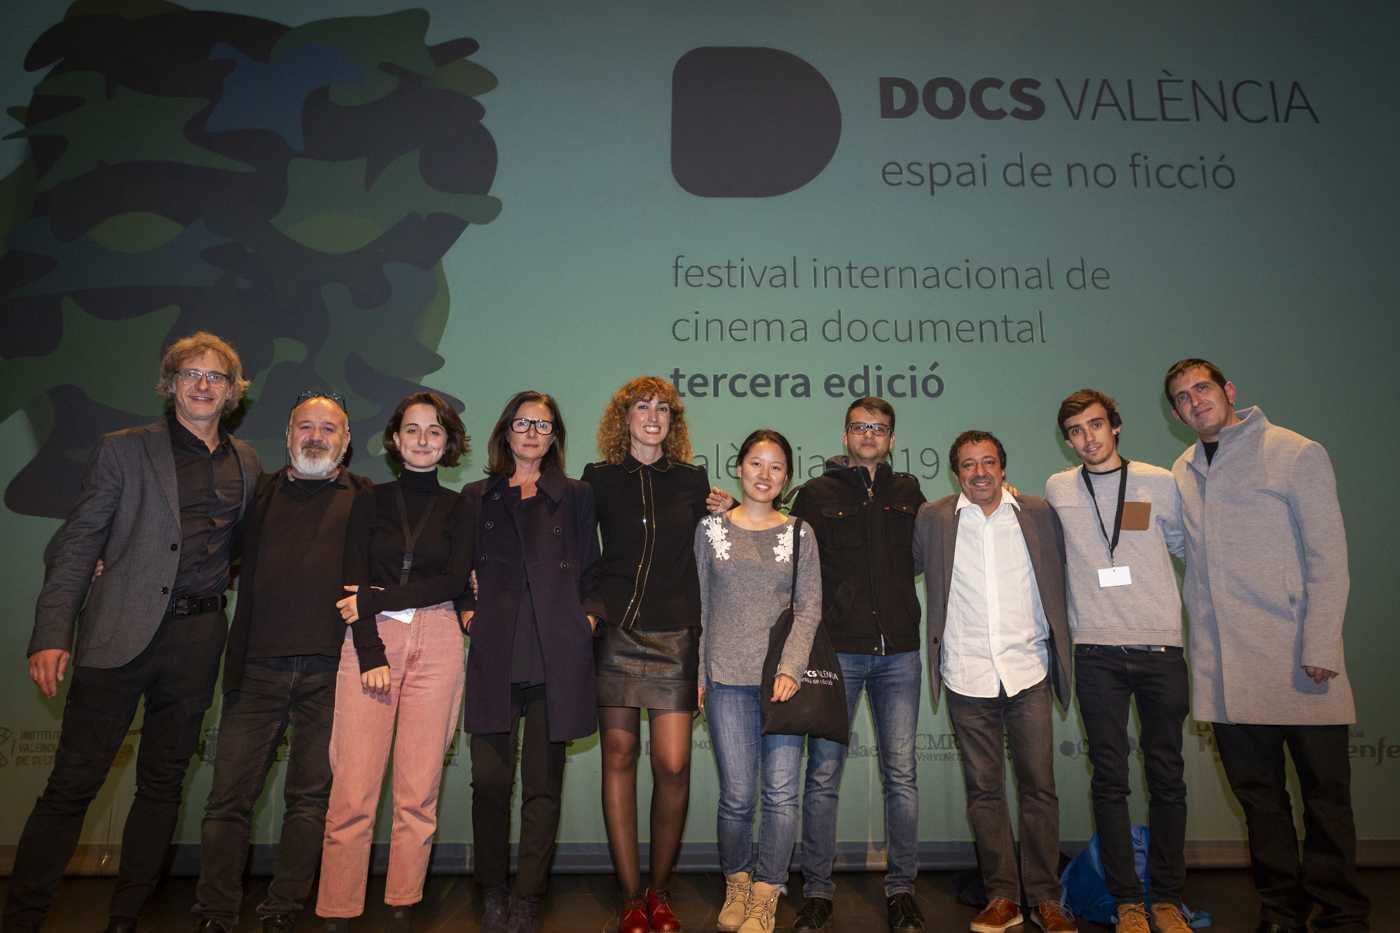 Gala clausura Docs Valencia 98